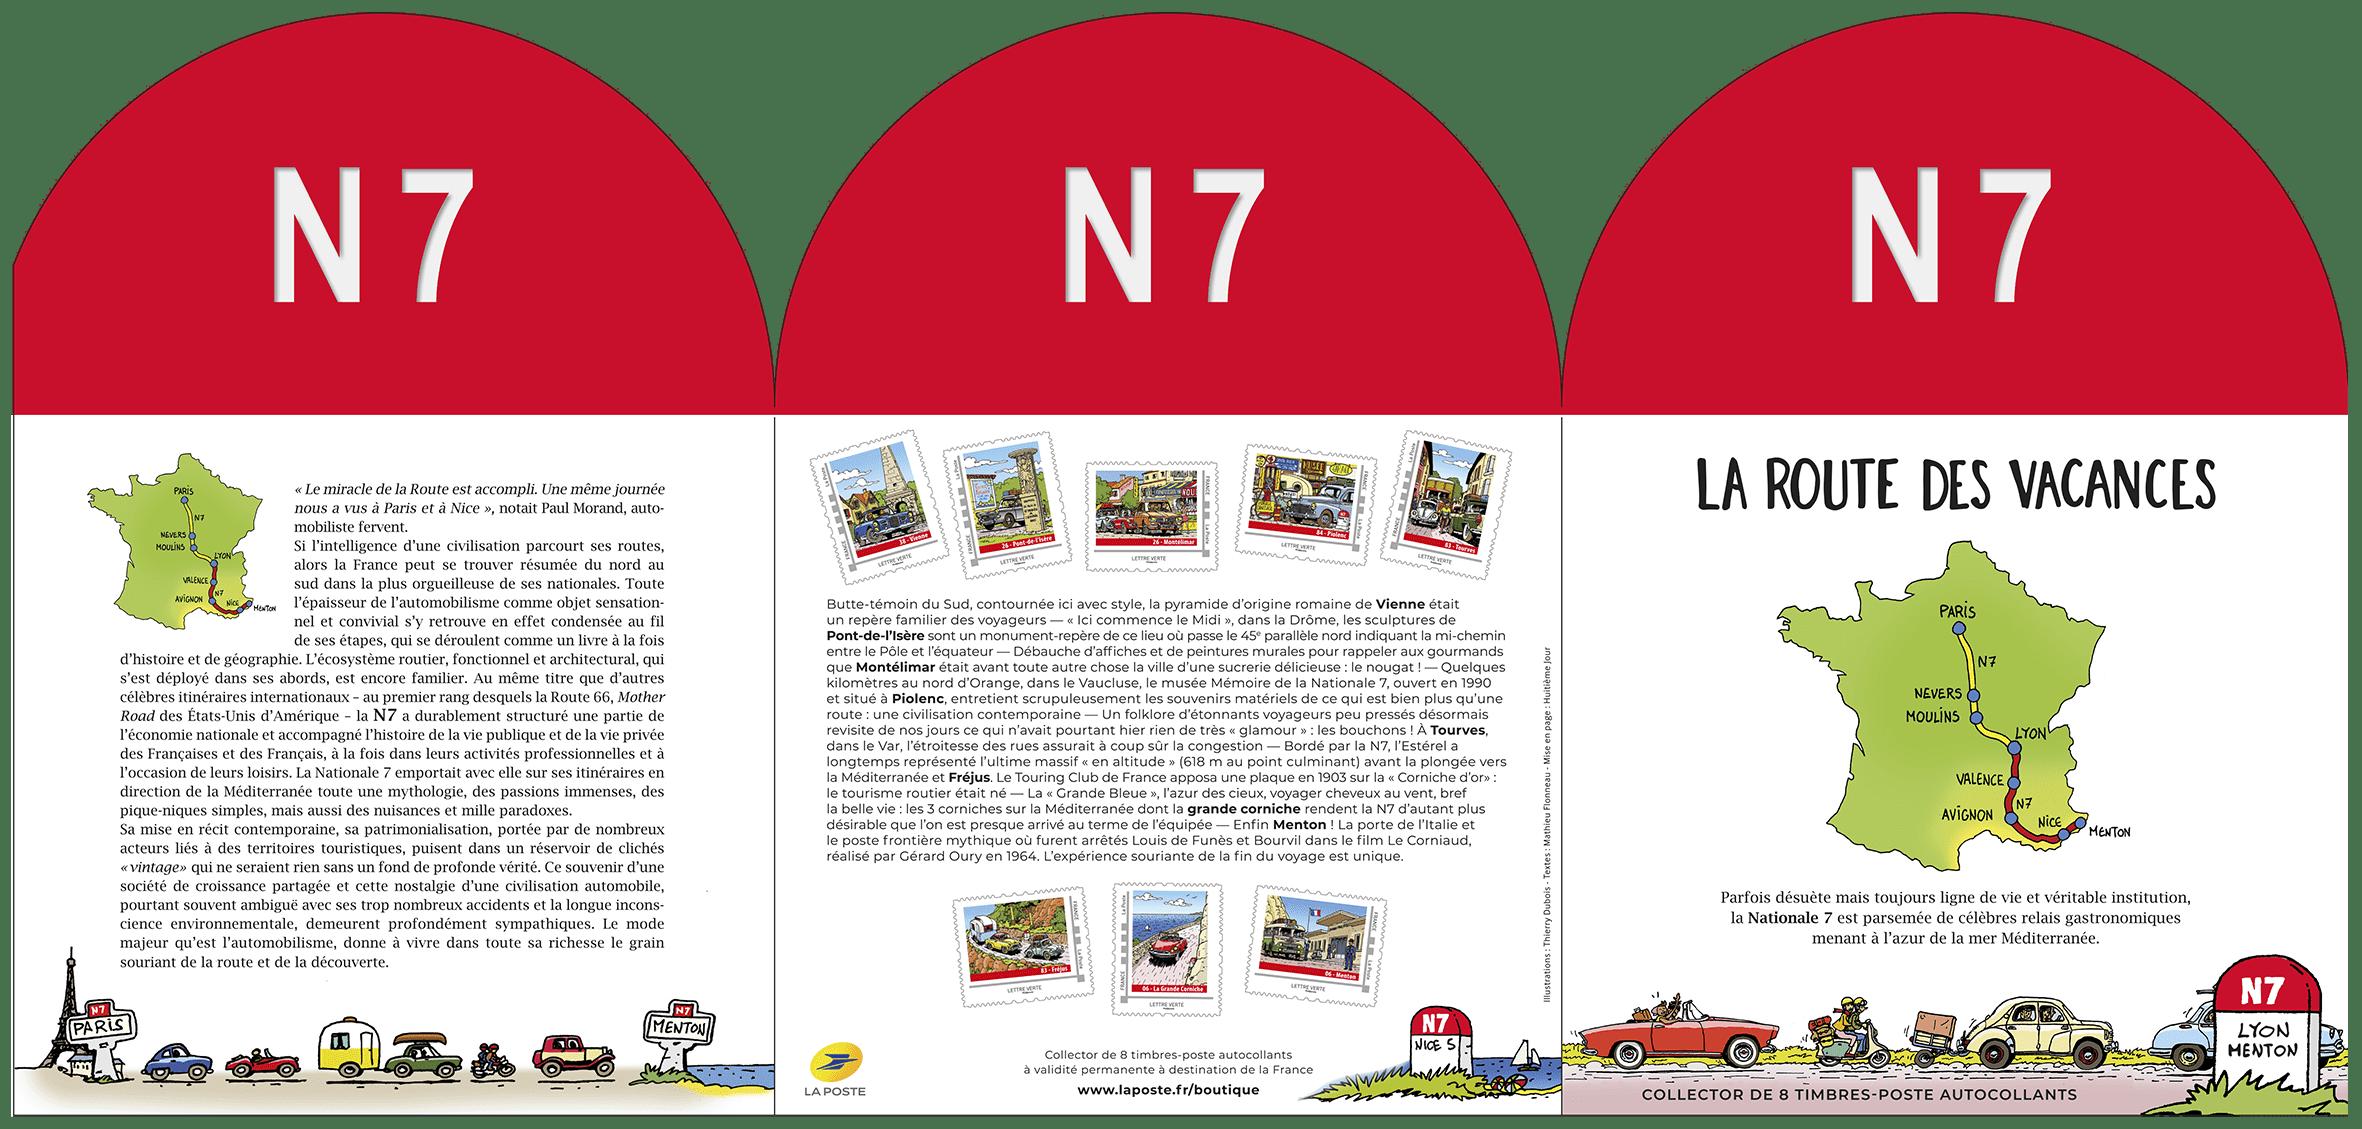 N7 la route des vacances